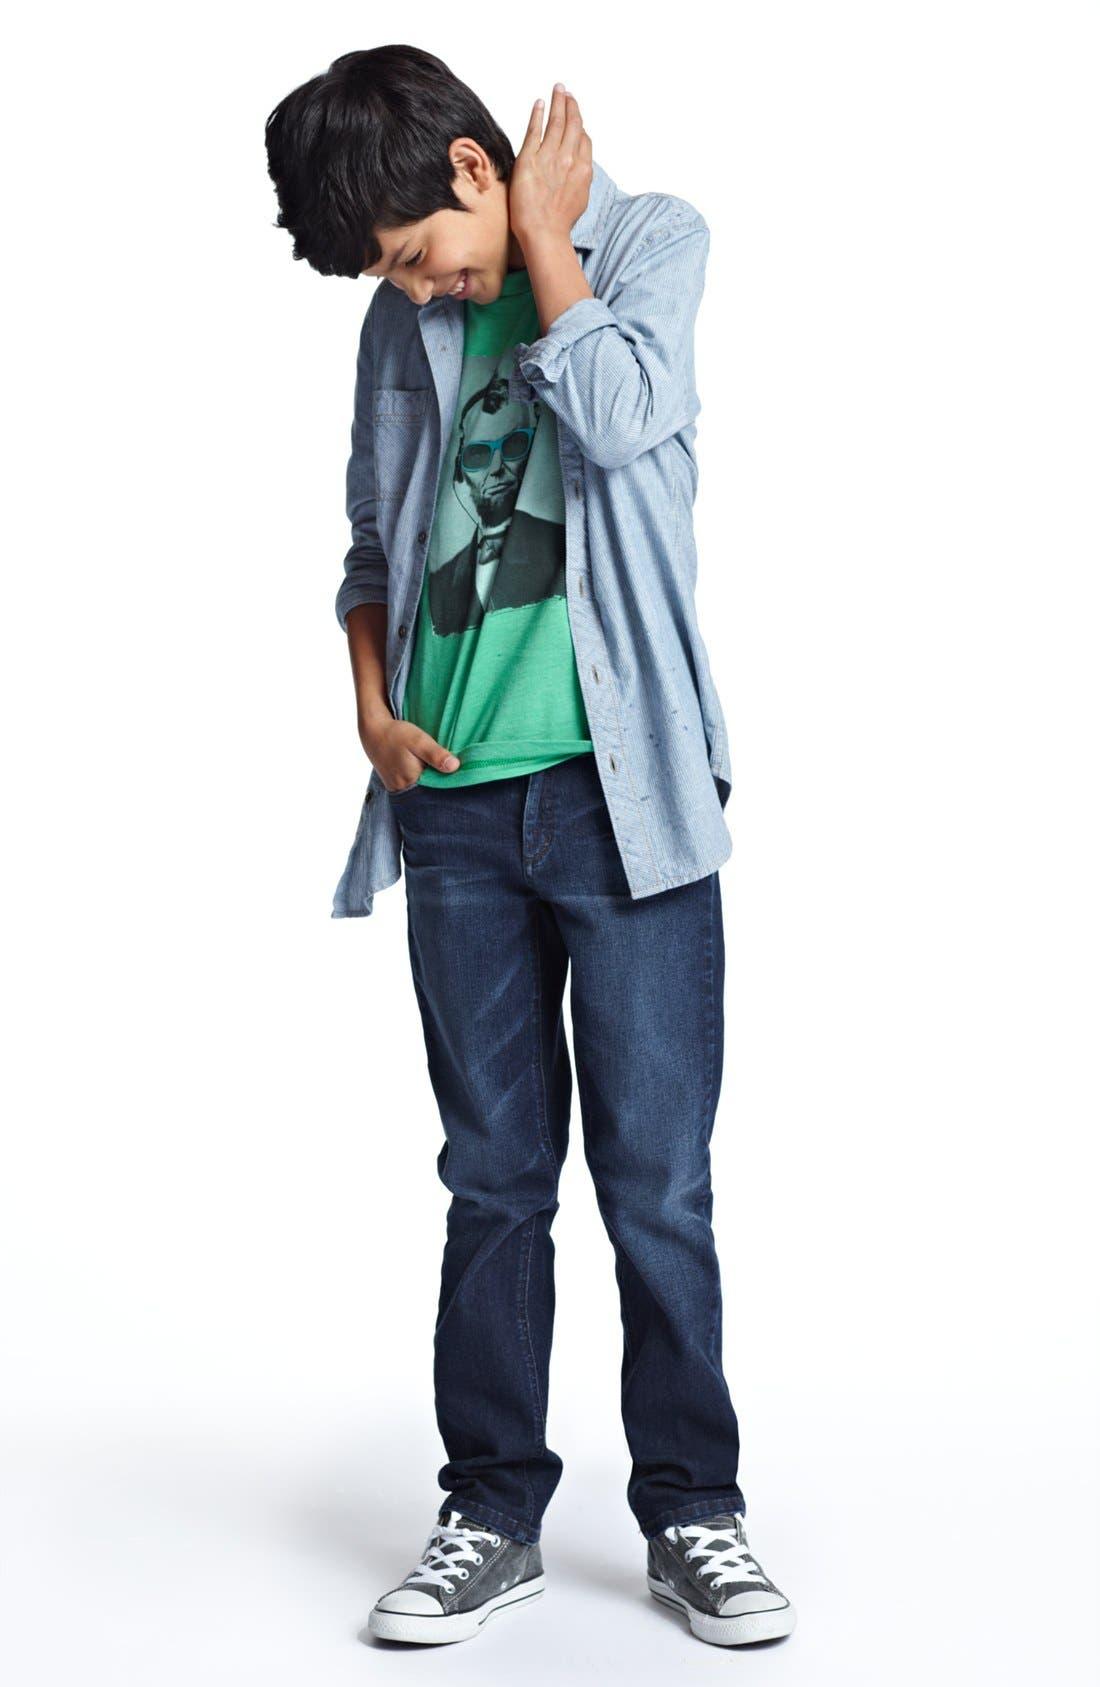 Main Image - Tucker + Tate Shirt, Jem T-Shirt & Volcom Jeans (Big Boys)